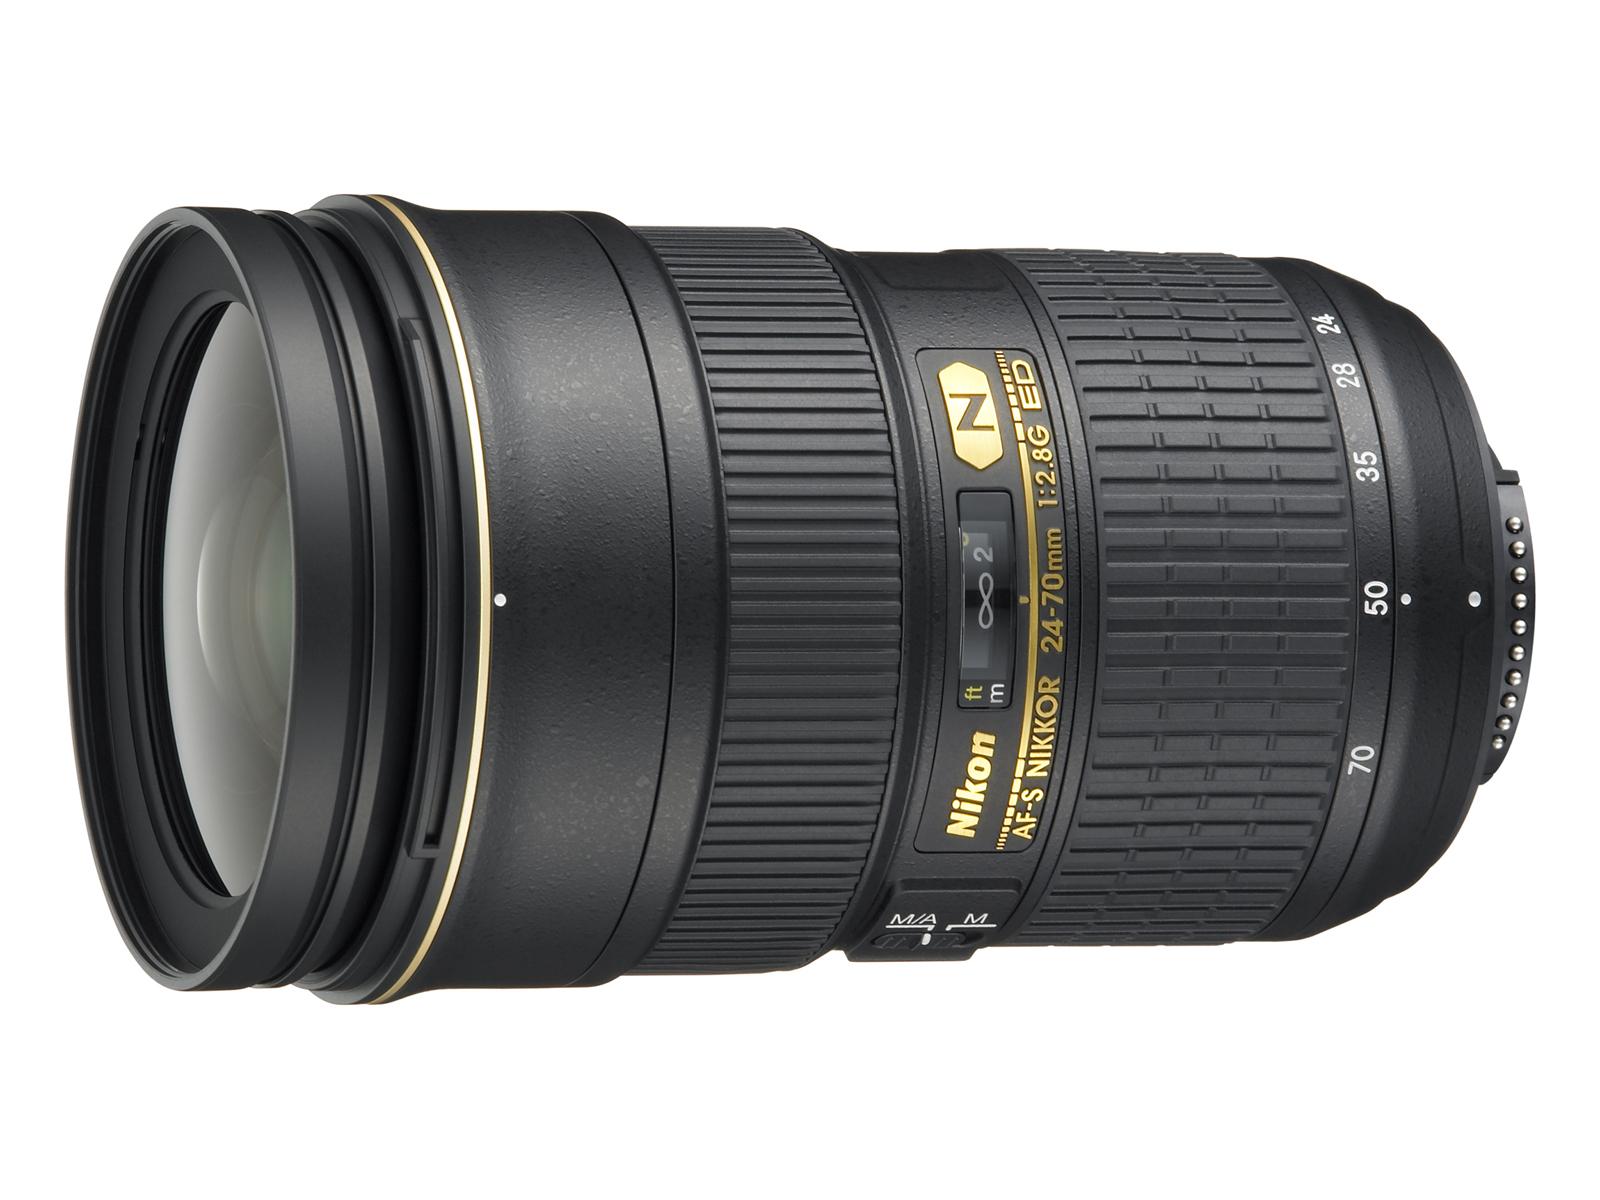 Nikon AF-S NIKKOR 24-70mm f / 2.8G ED